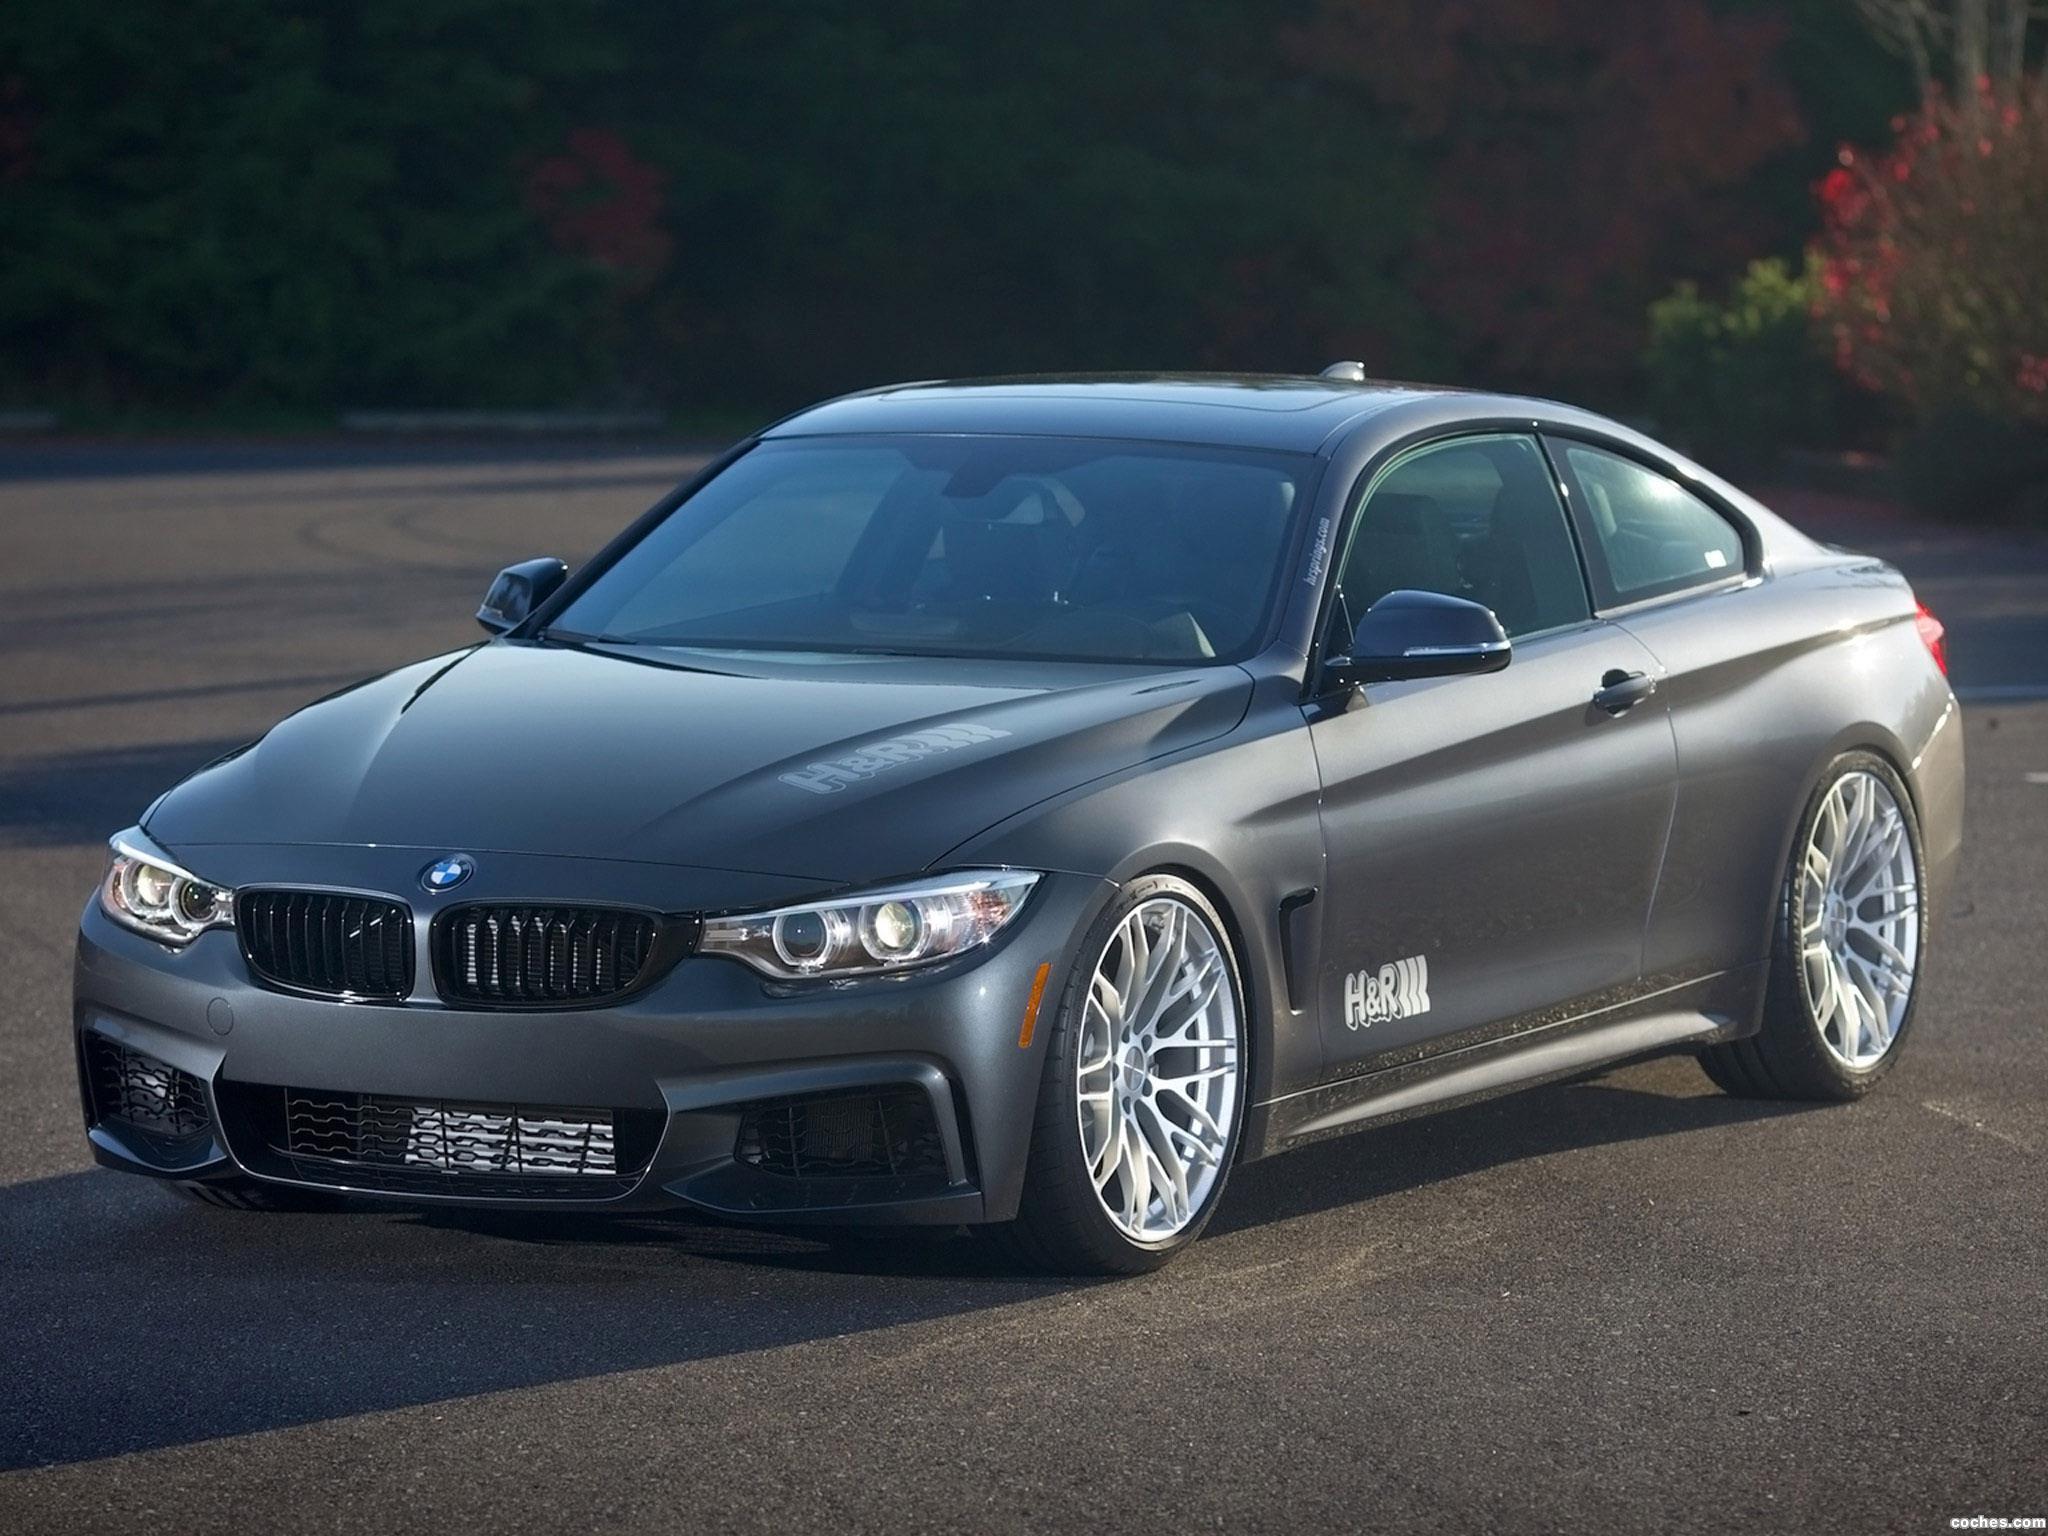 Foto 0 de H&R BMW Serie 4 428i M Sport Coupe 2013